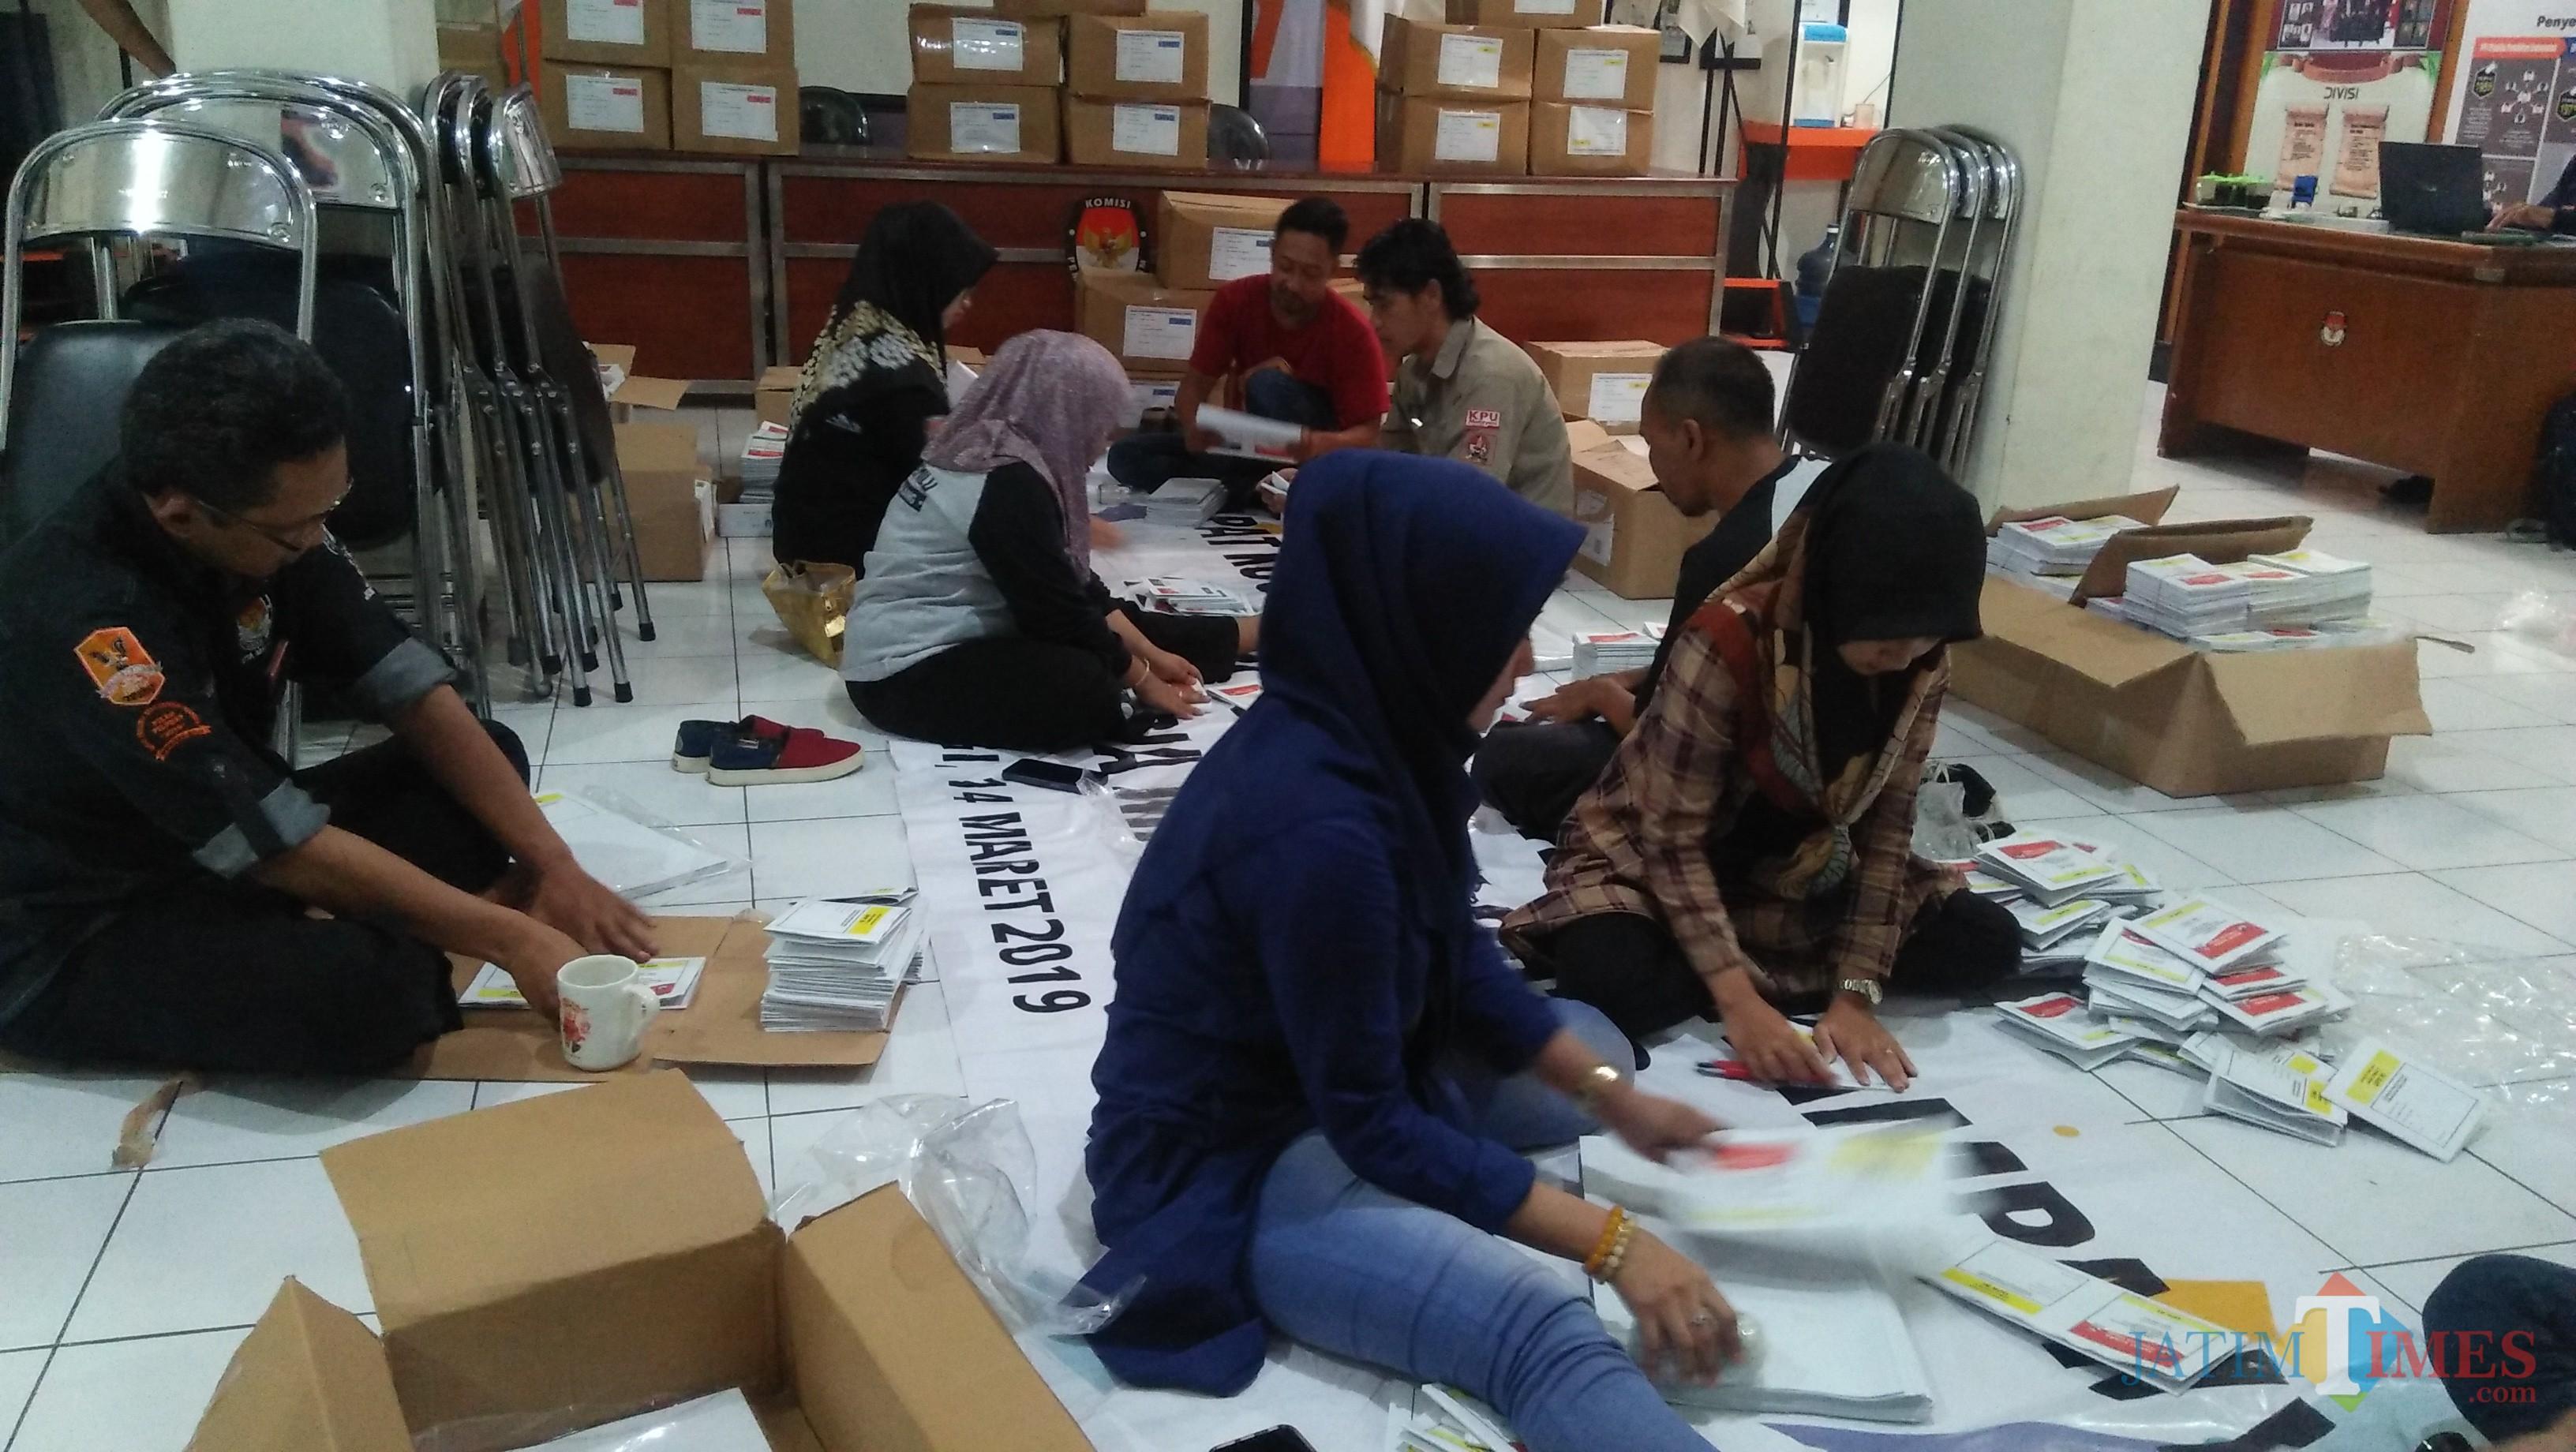 Proses pelipatan surat suara di kantor KPU Kota Malang. (Luqmanul Hakim/Malang Times)